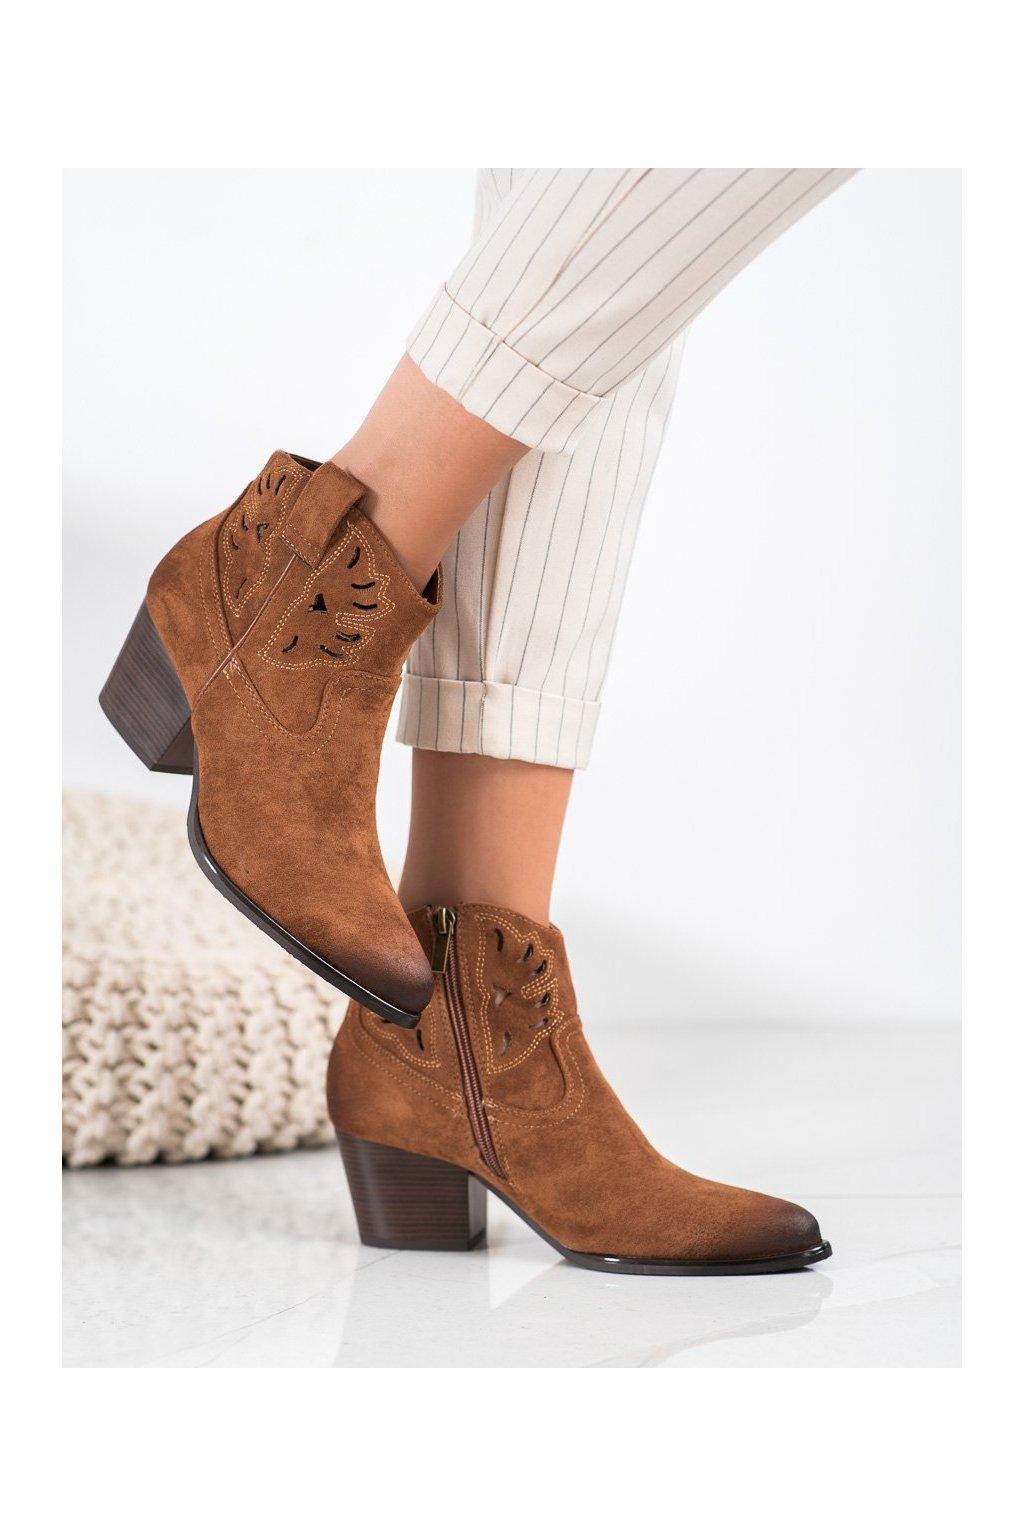 Hnedé dámske topánky Vinceza kod XY21-10540C